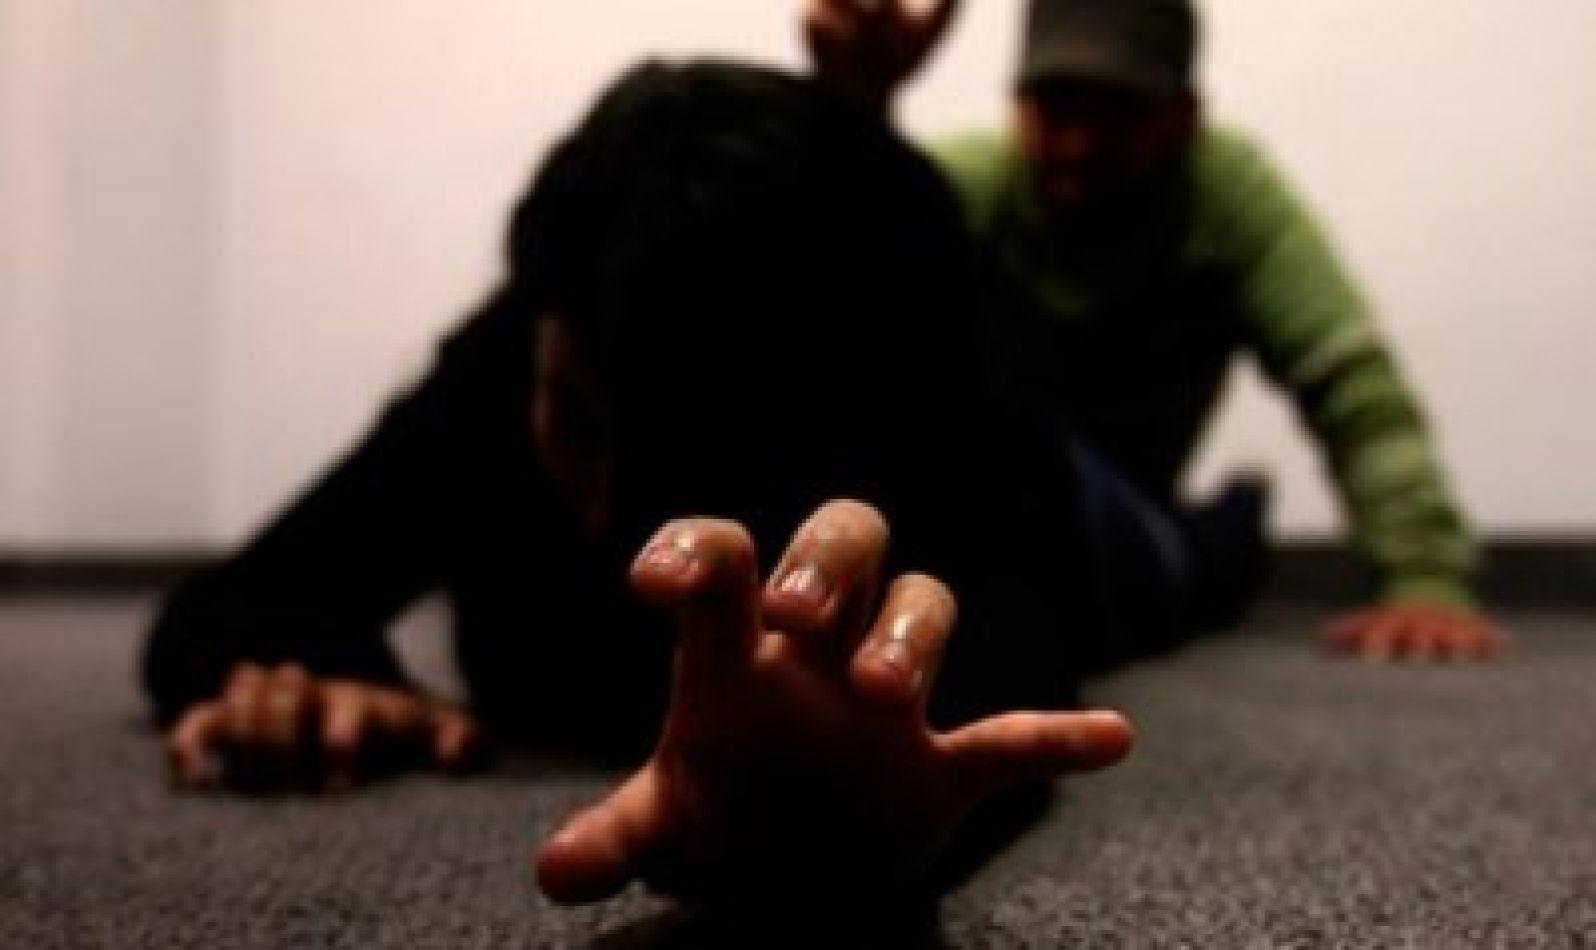 Piden juicio contra un hombre que abusó de su expareja